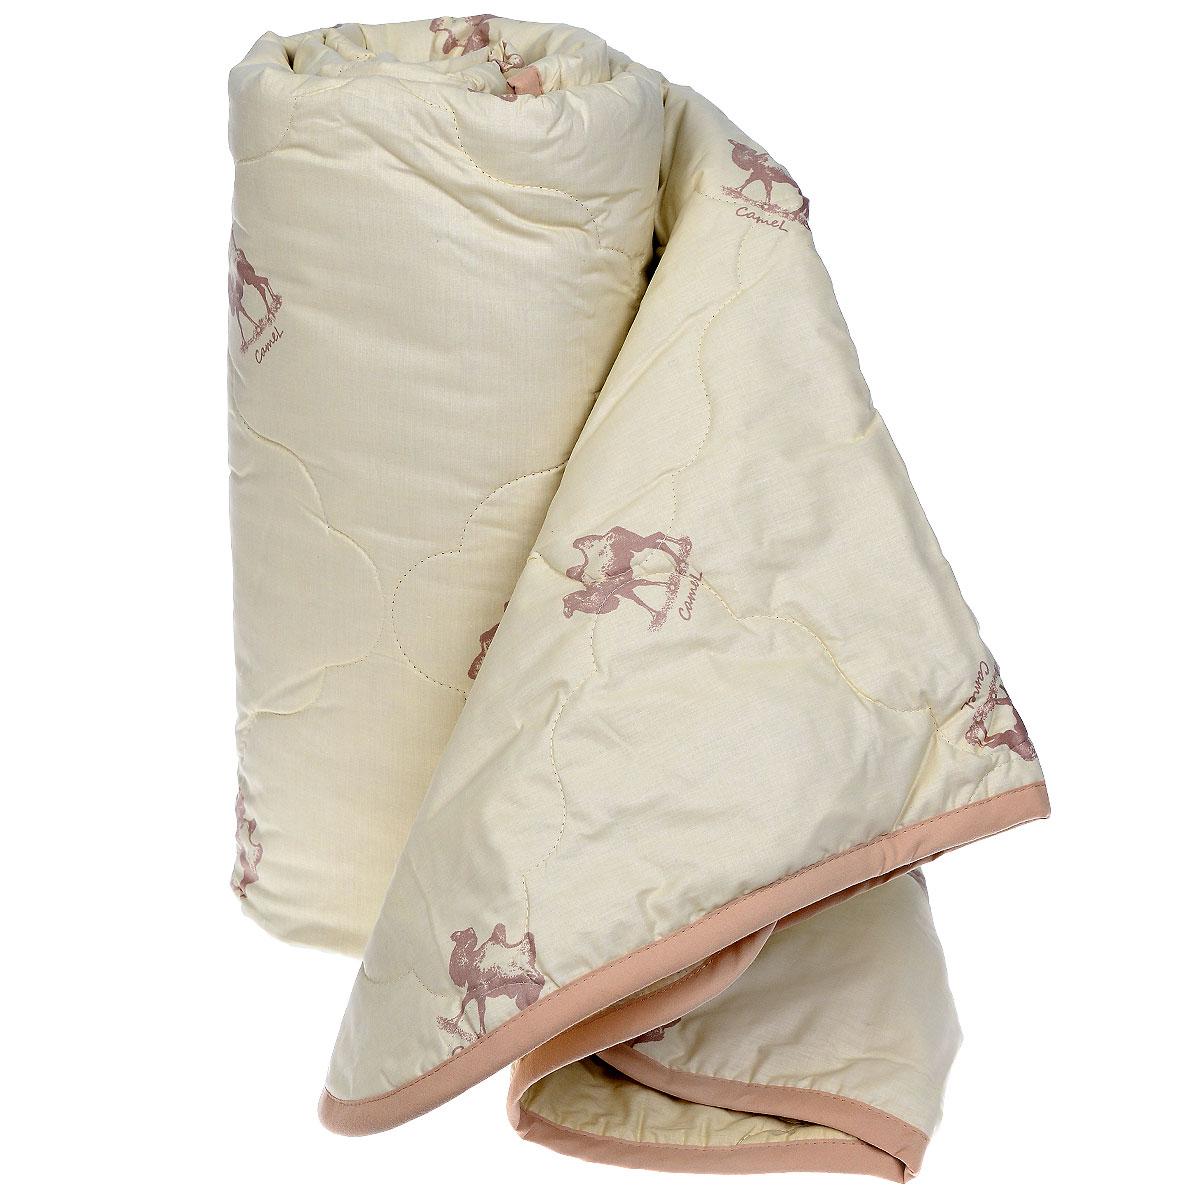 """Одеяло """"Sova & Javoronok"""", наполнитель: верблюжья шерсть, цвет: бежевый, 172 см х 205 см"""